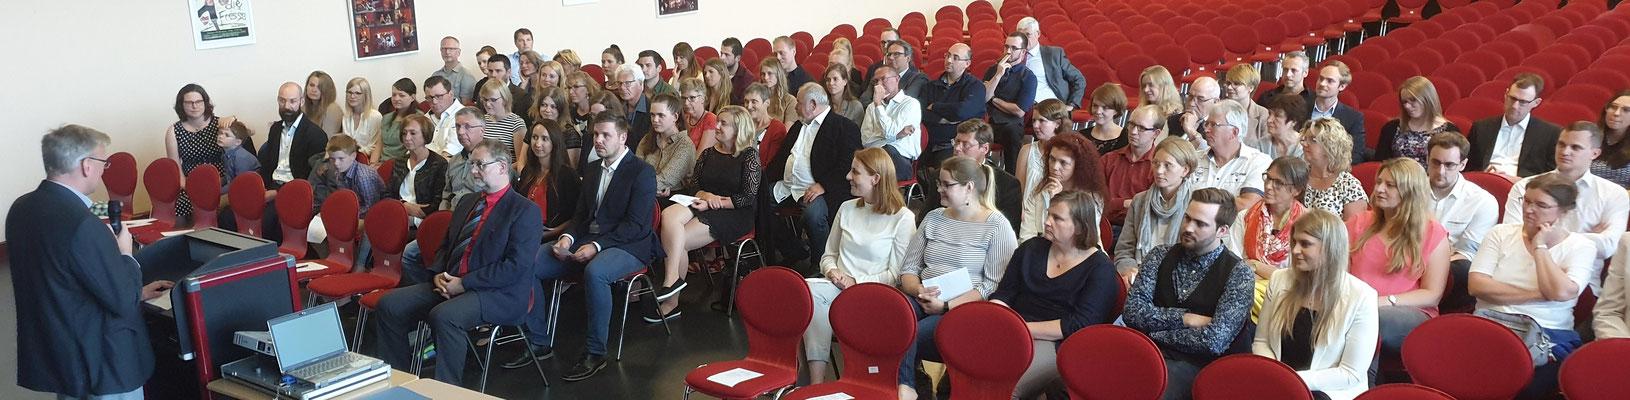 Erstmals fand die Verabschiedungsfeier des Studienseminars Leer an einer Ausbildungsschule statt. Foto: Ulrichs